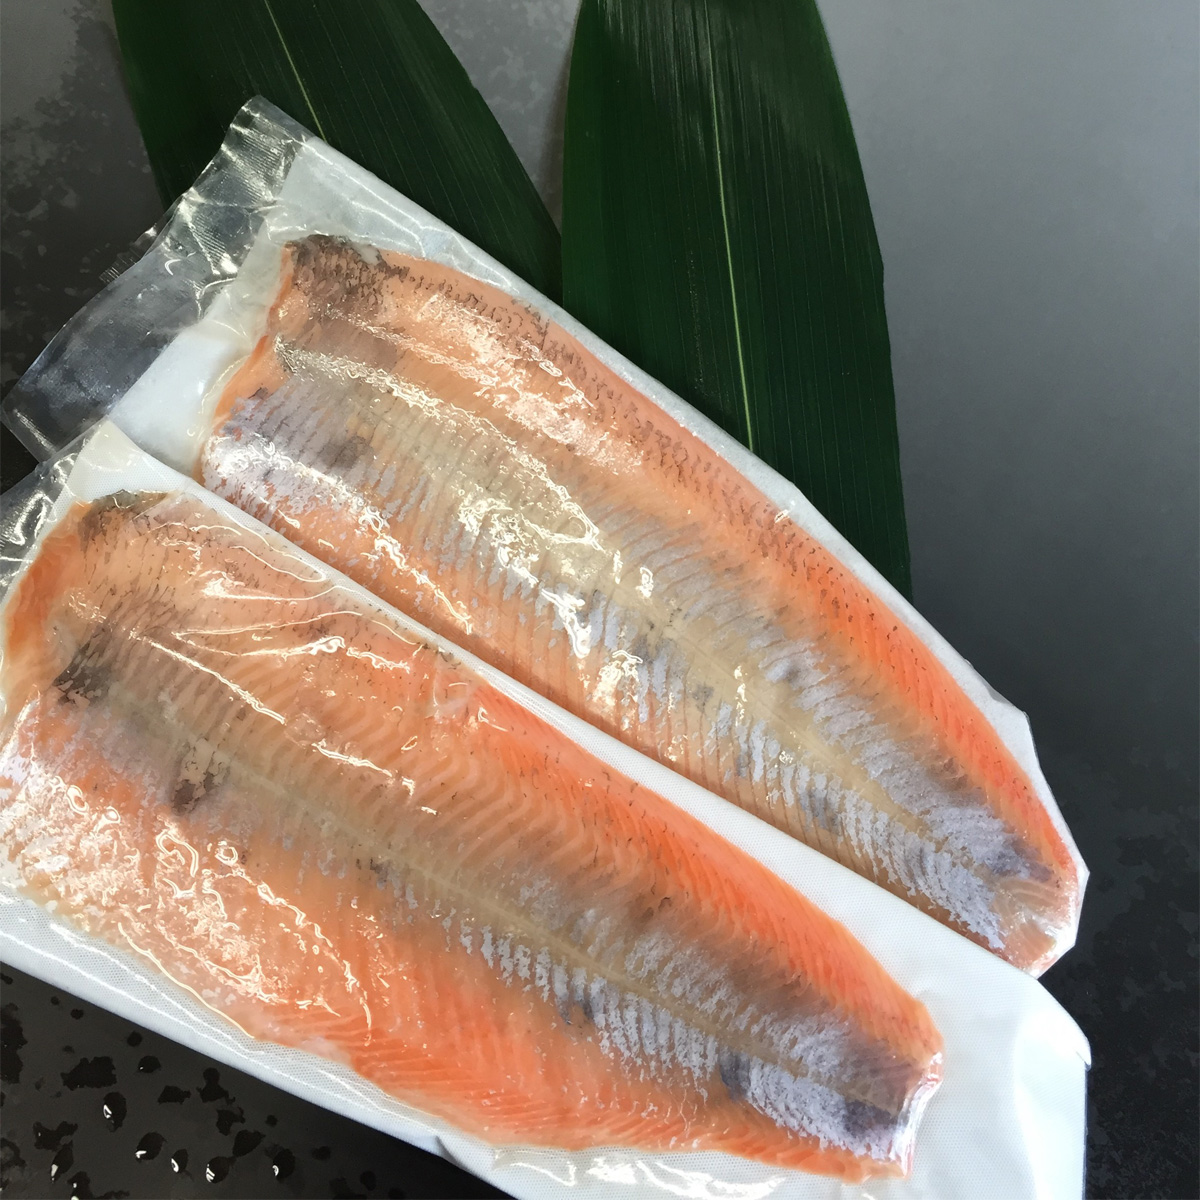 【ふるさと納税】琵琶湖の宝石 ビワマス・フィーレ(生食用)※着日指定はできません。